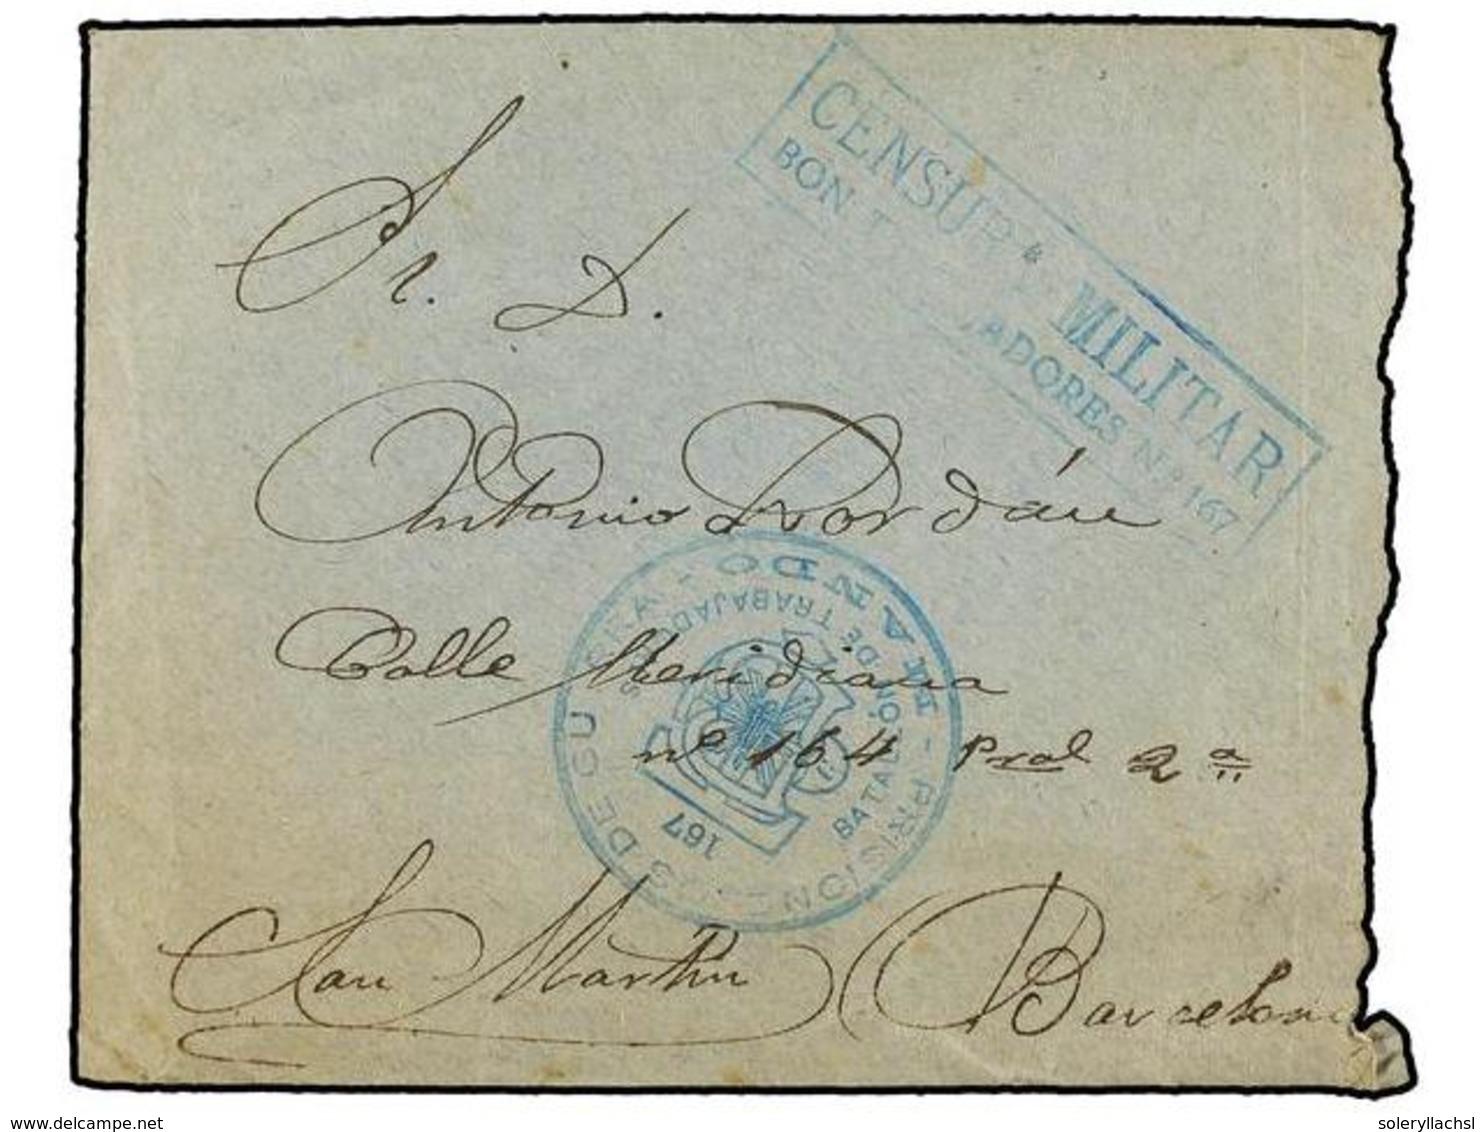 901 ESPAÑA GUERRA CIVIL. 1939. VALENCIA A BARCELONA. Carta Con Texto. Marca De Franquicia Y Censura <B>PRISIONEROS DE GU - Stamps